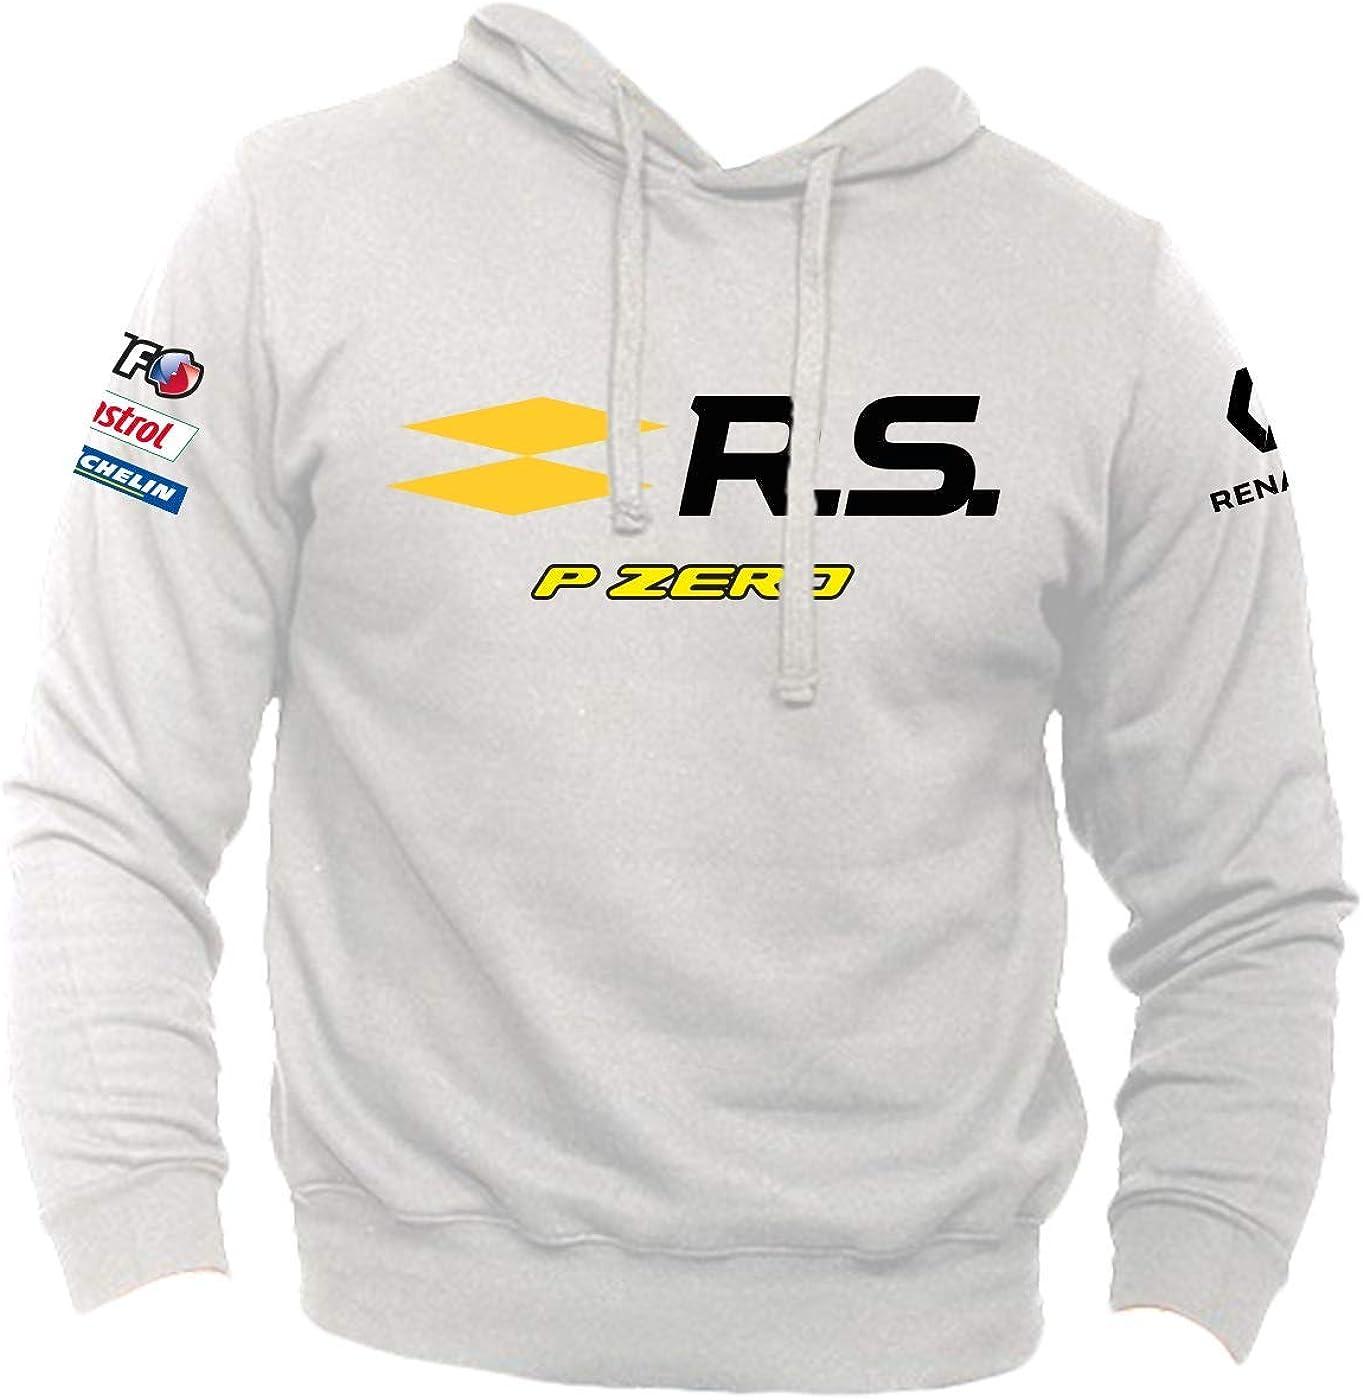 Elf castrol Michelin pirelli p Zero Rally Clio Bottoni Felpa Personalizzata Renault r.s